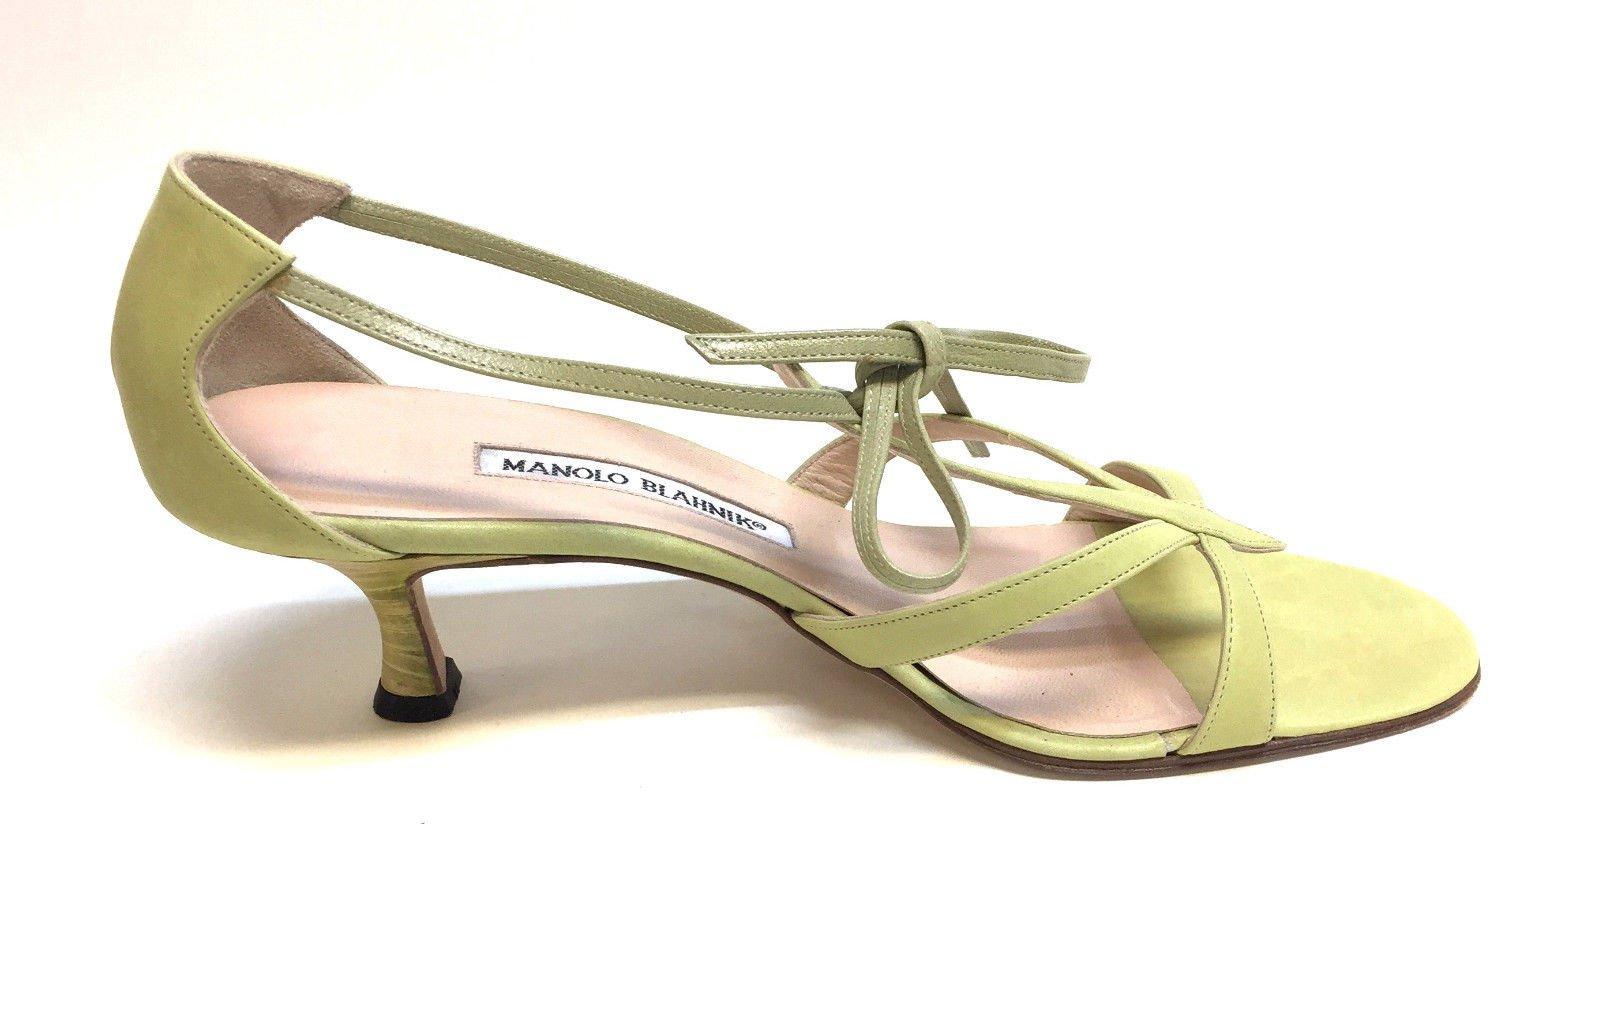 Manolo Blahnik Lime Green Leather Open Toe T Strap Kitten Heel Sandals Size 38 5 8 5 Manolo Blahnik Heels Kitten Heel Sandals Kitten Heel Shoes